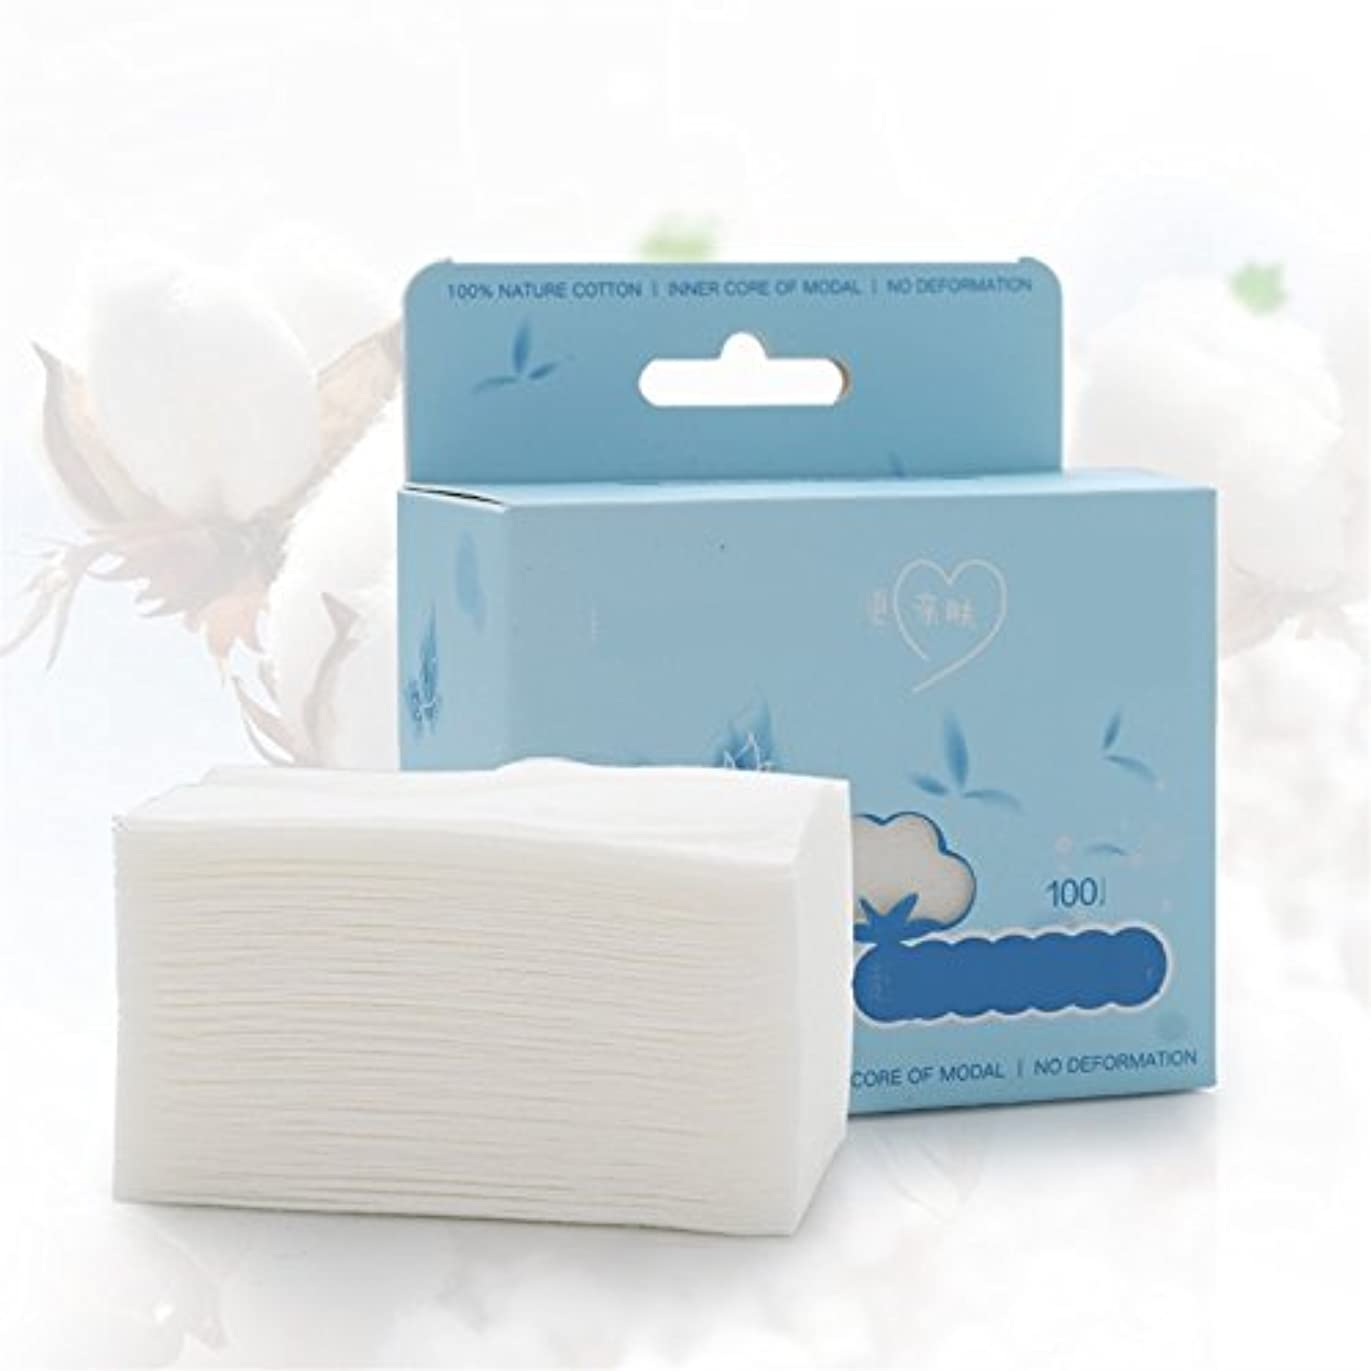 注意ミシンおもちゃAorunji 柔らかい オーガニックコットンコスメティックパッド高品質のリントフリーフェイシャルメイクリムーバークリーニングコットンベストトラベル(Appr.100pcs)